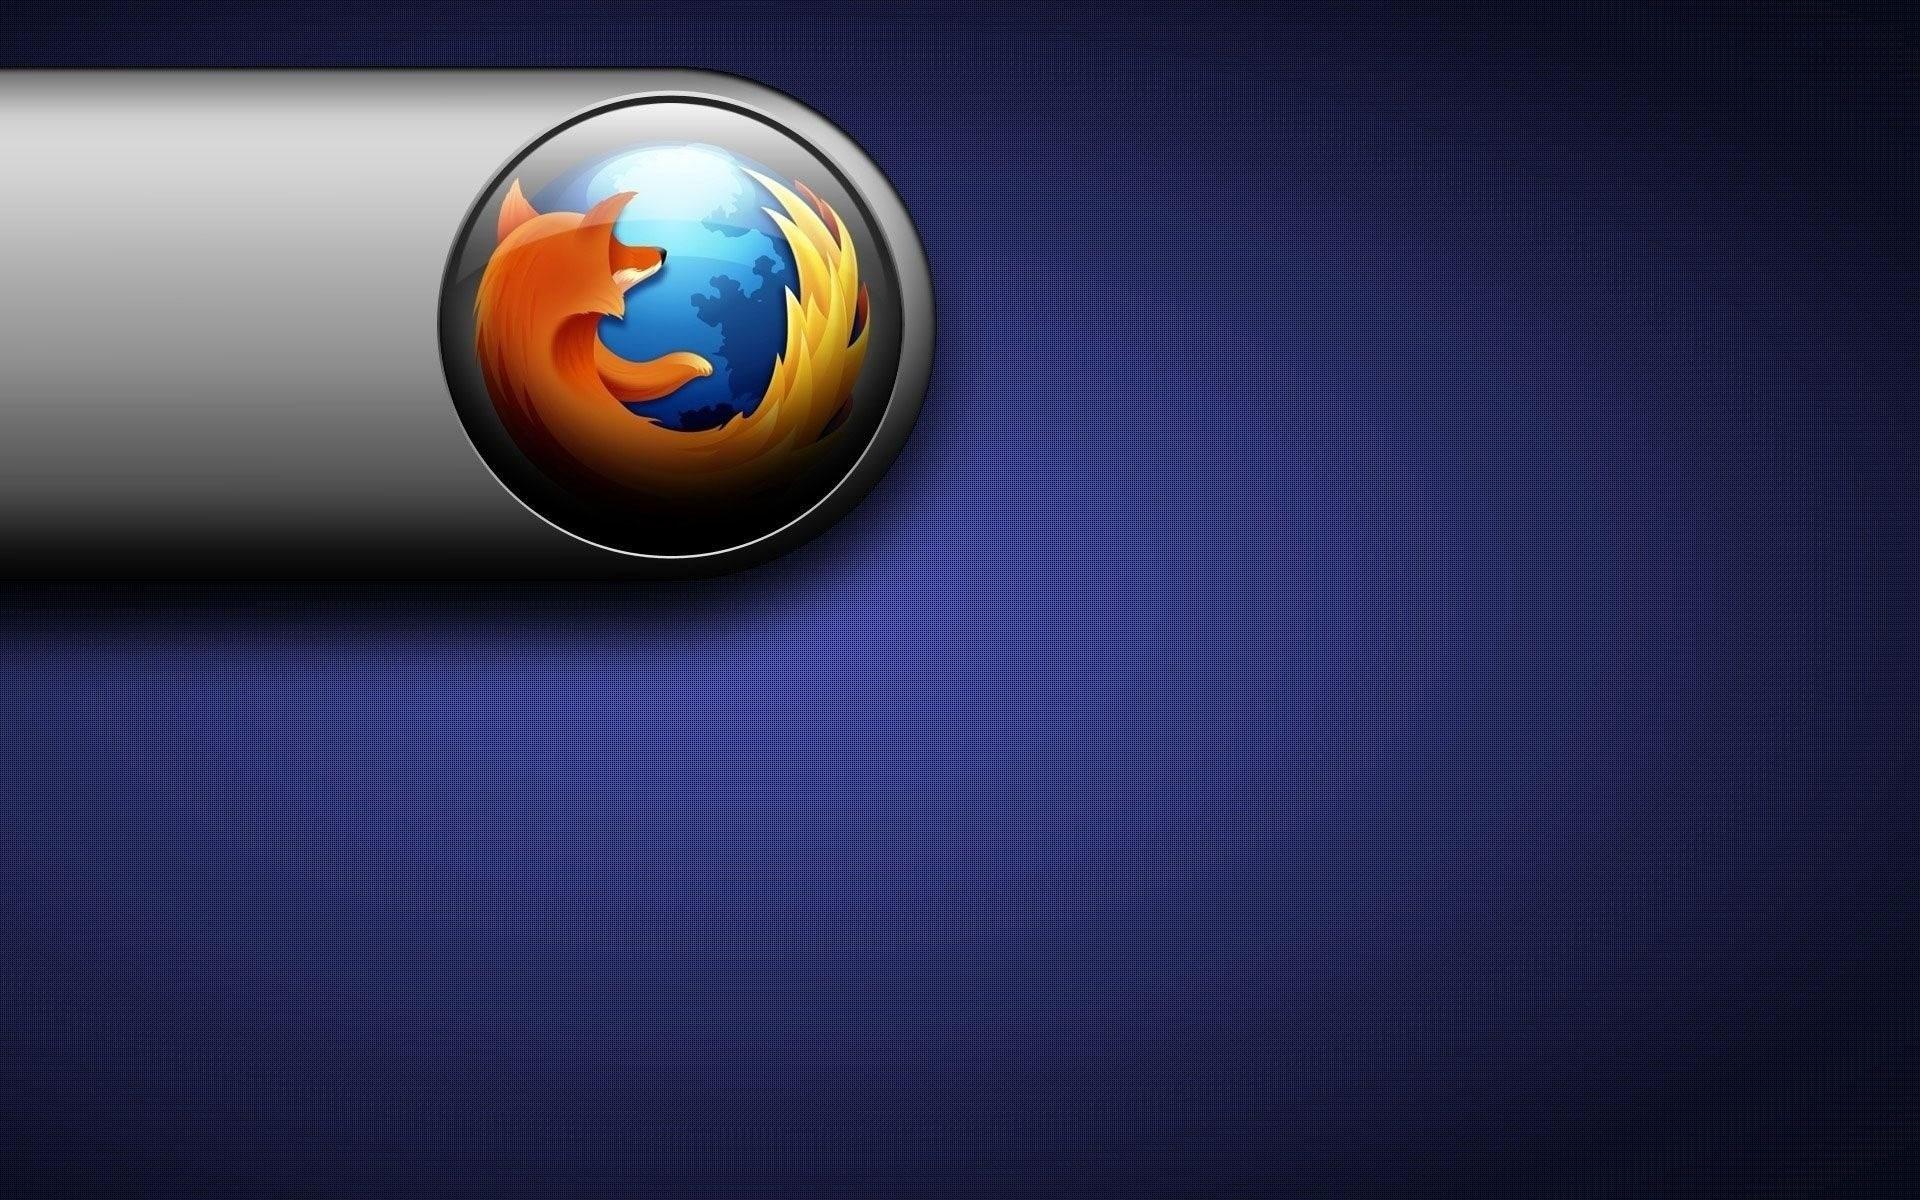 для картинки для браузера в хорошем качестве есть трулли